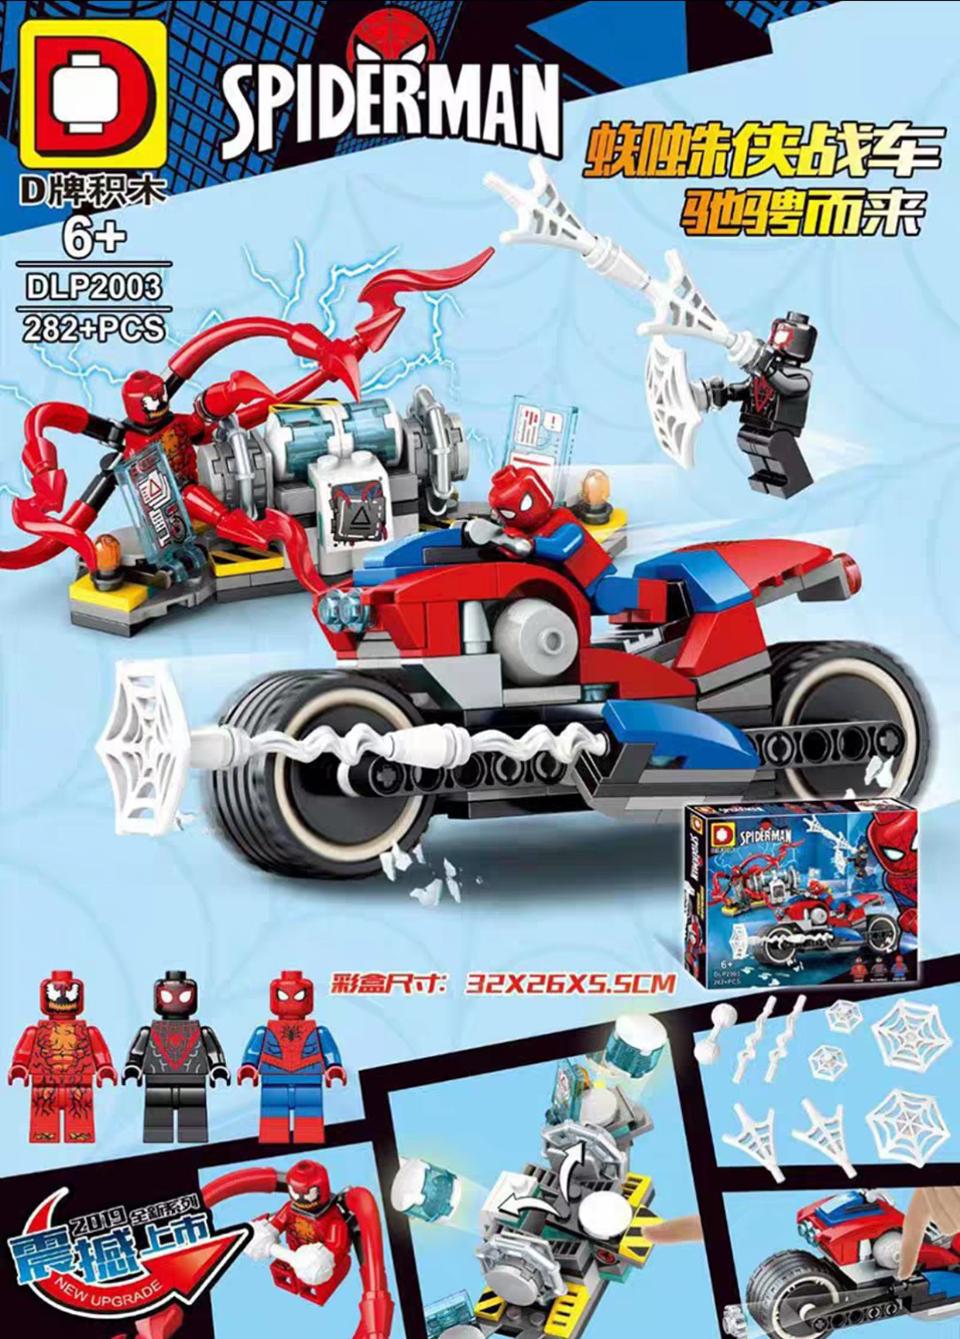 Lắp ráp lego người nhện Spiderman 282 Chi Tiết - DLP2003